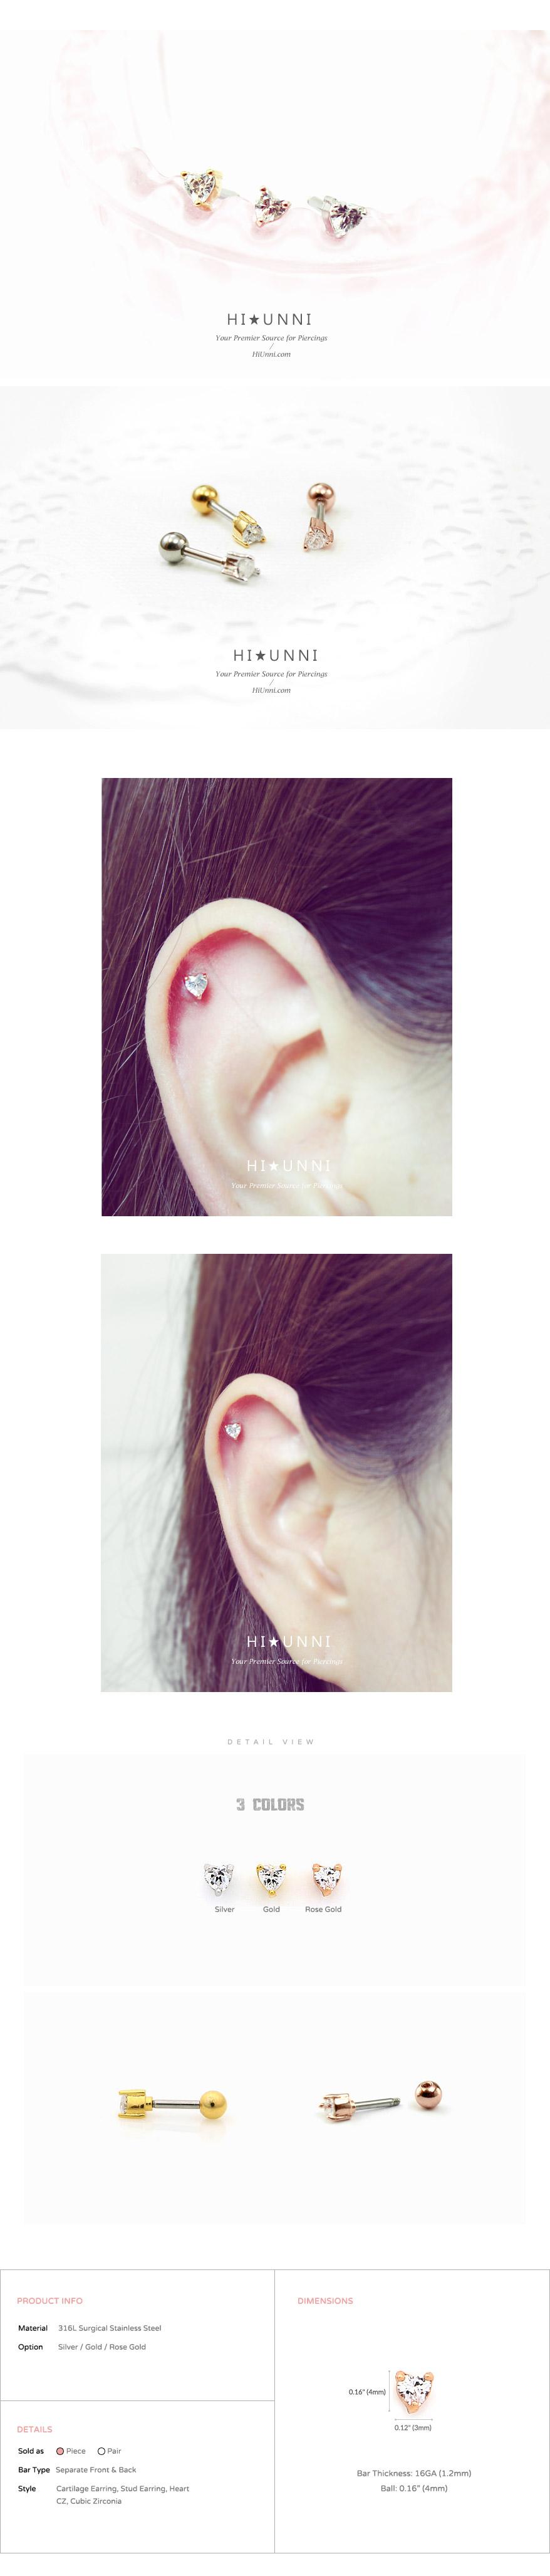 jewelry_earrings_stud_cartilage_piercing_16g_barbell_316l_cz_helix_earring_tragus_heart_5